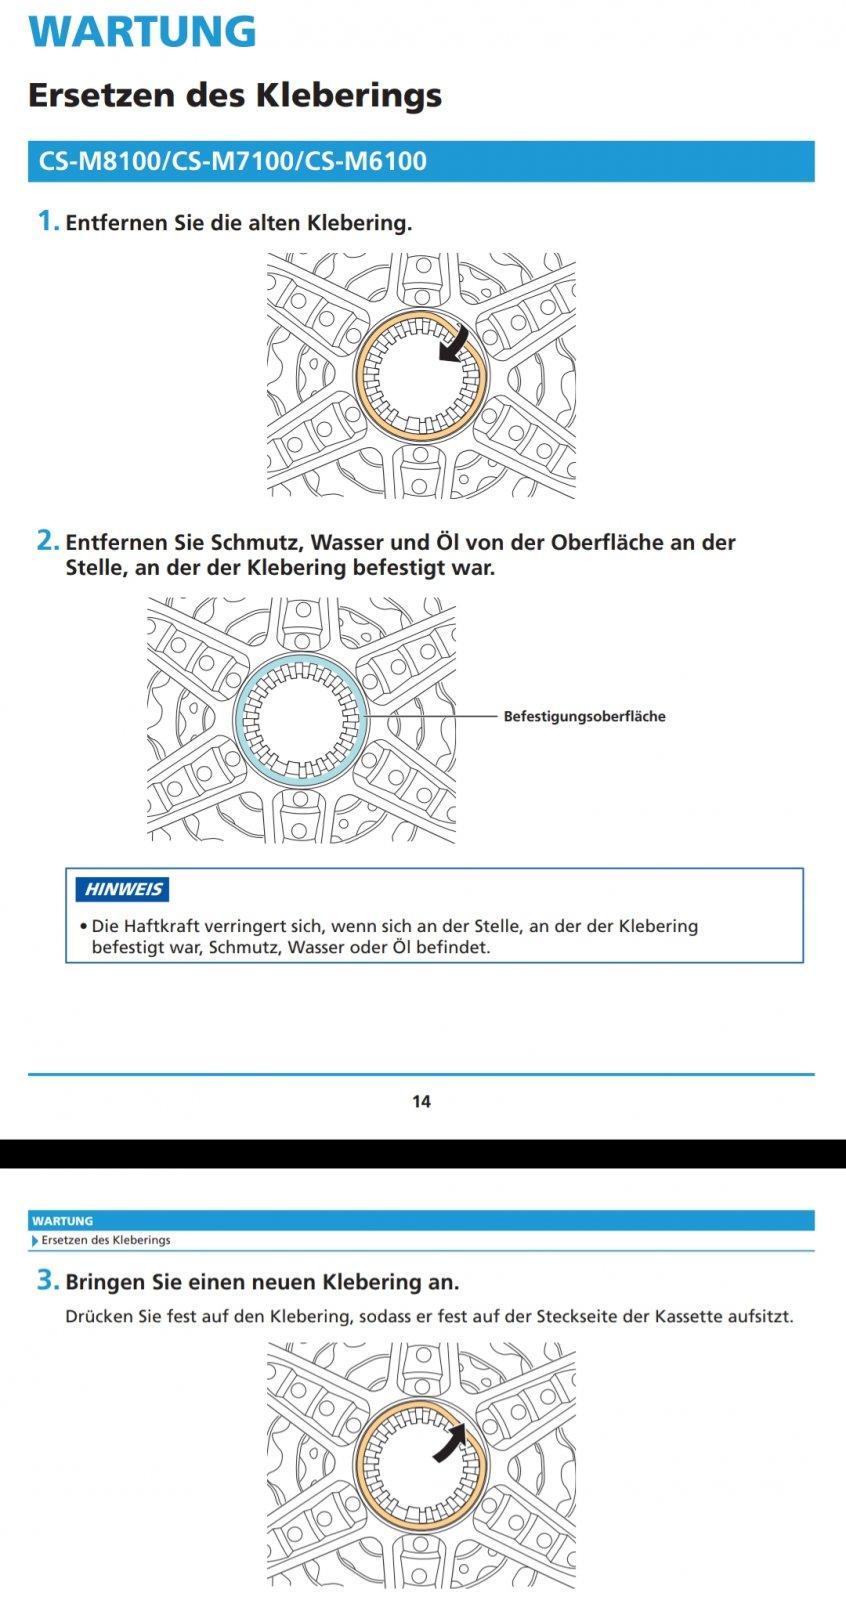 Screenshot_2020-07-28-20-45-01-63.jpg